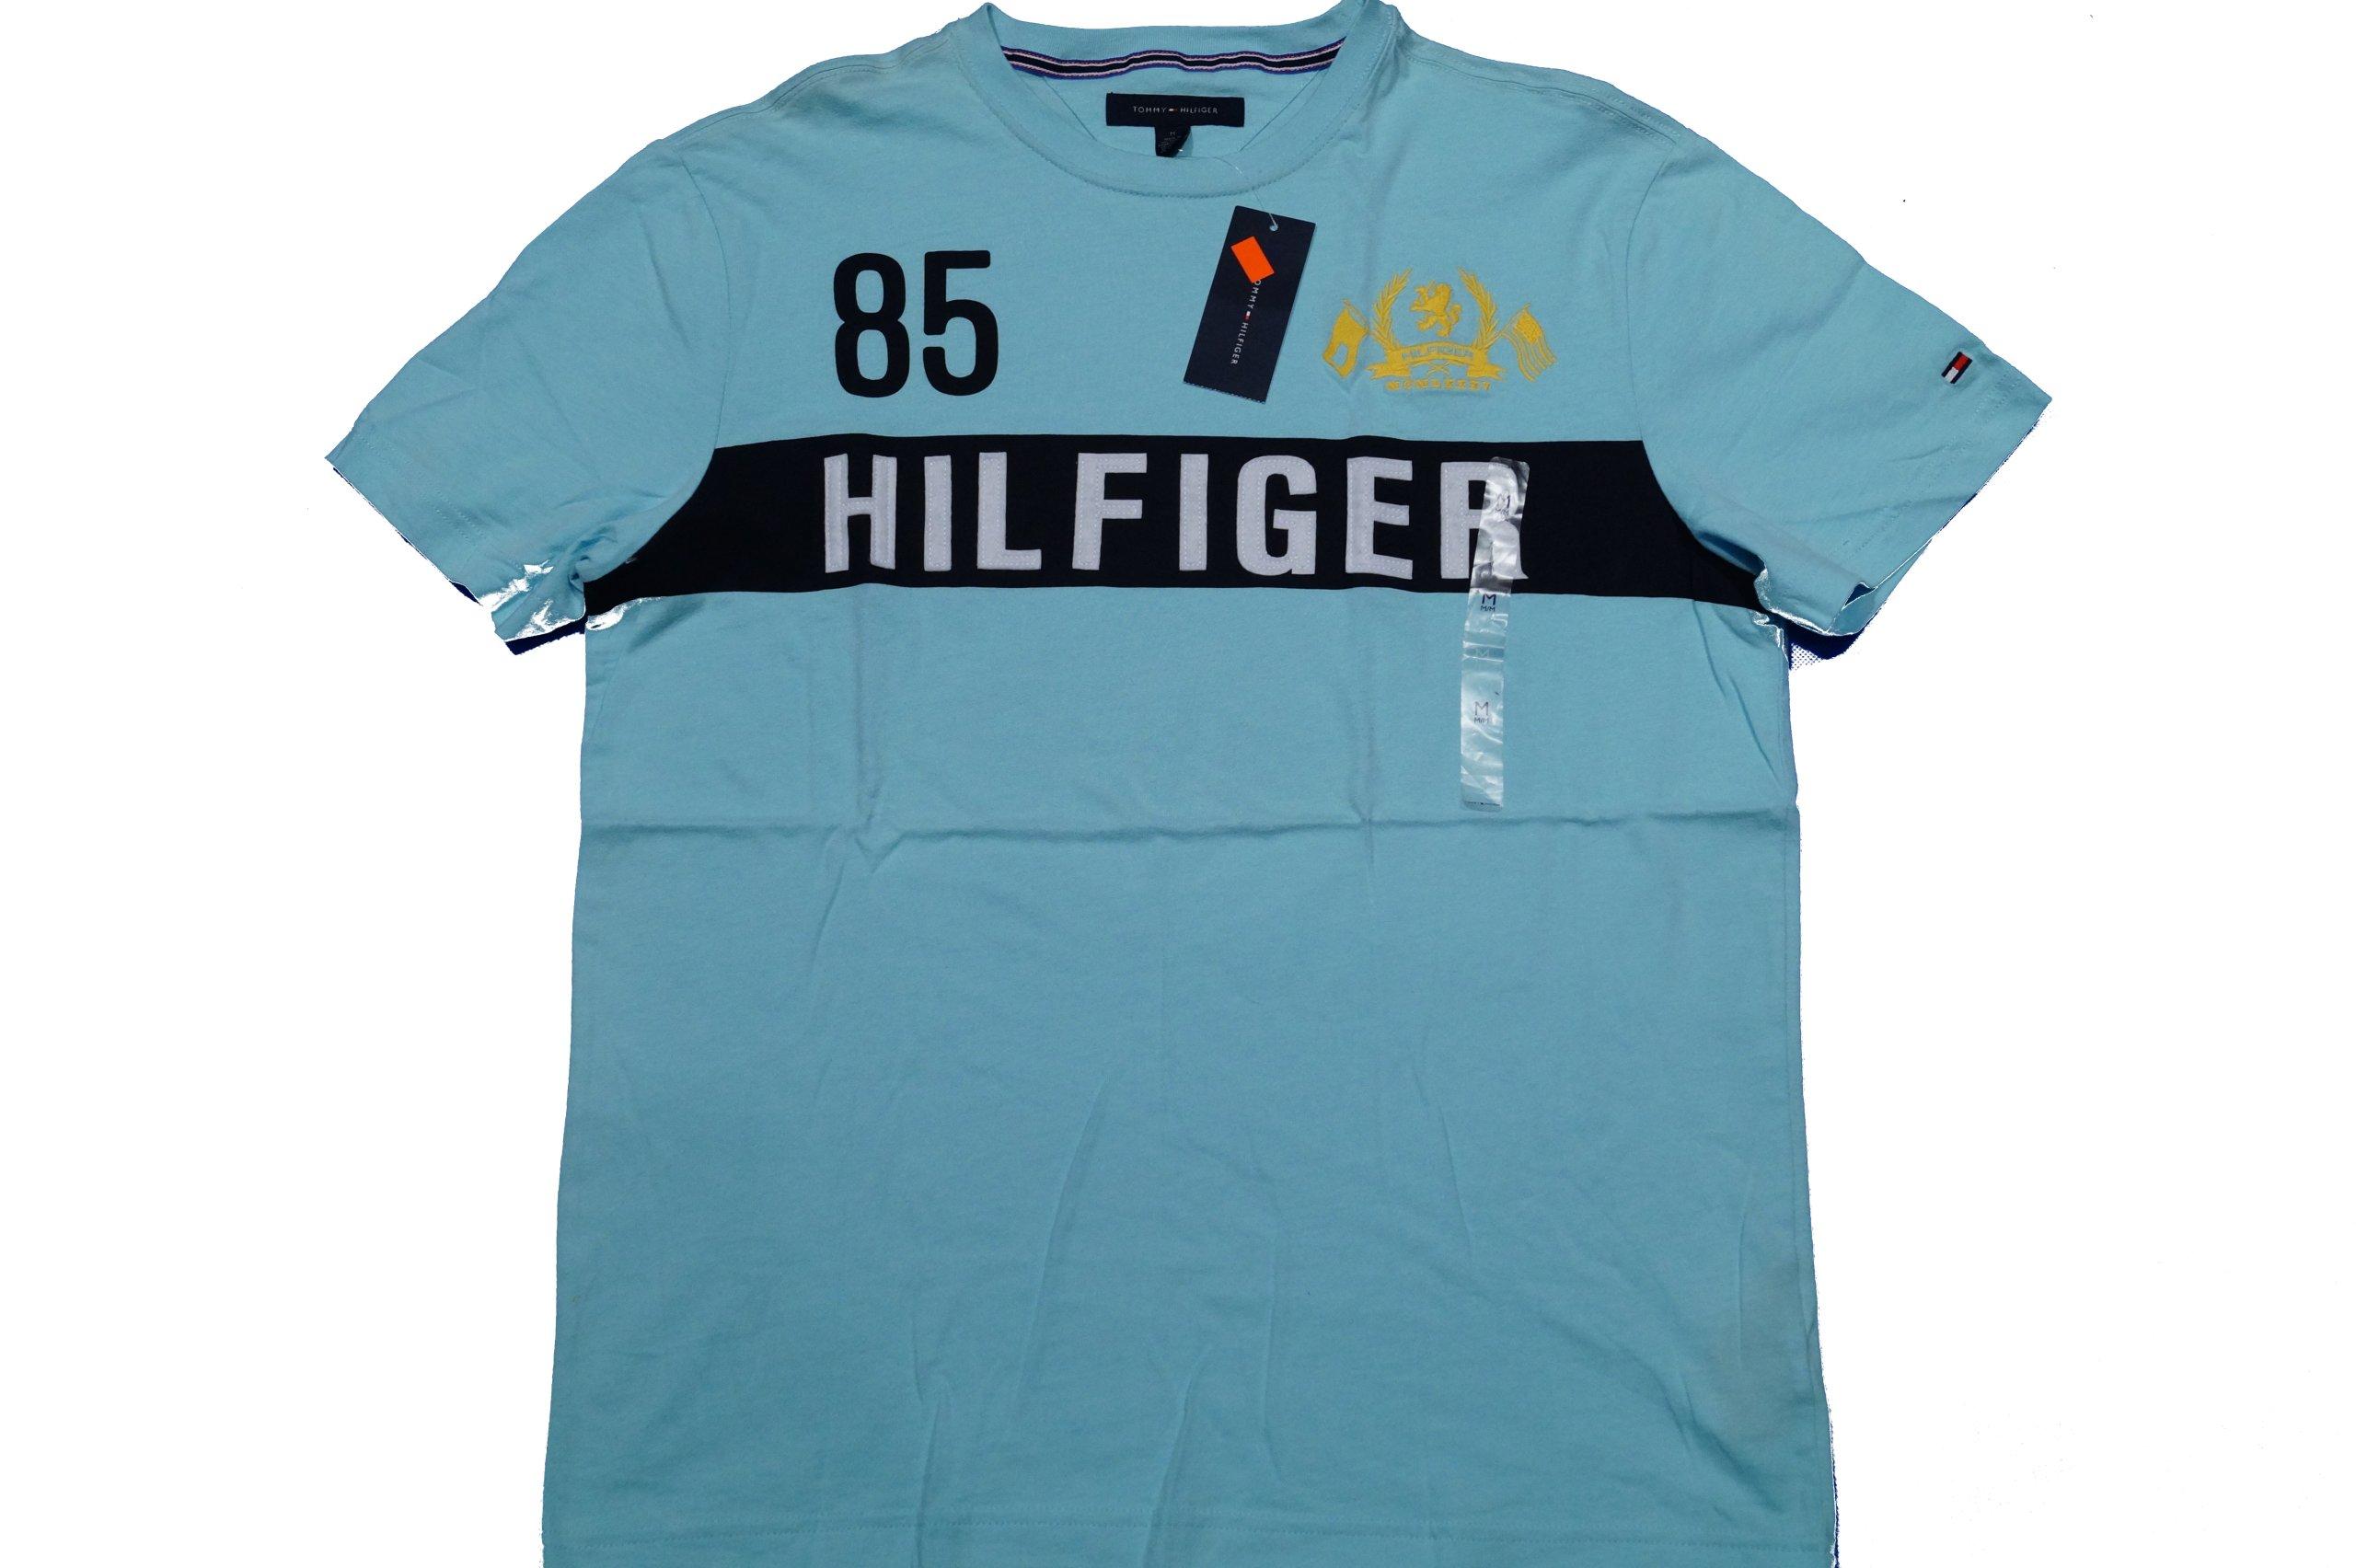 8c6ea2a0a4499 TOMMY HILFIGER T-Shirt Męski TURKUSOWY Roz: M 5063555820 - Allegro.pl